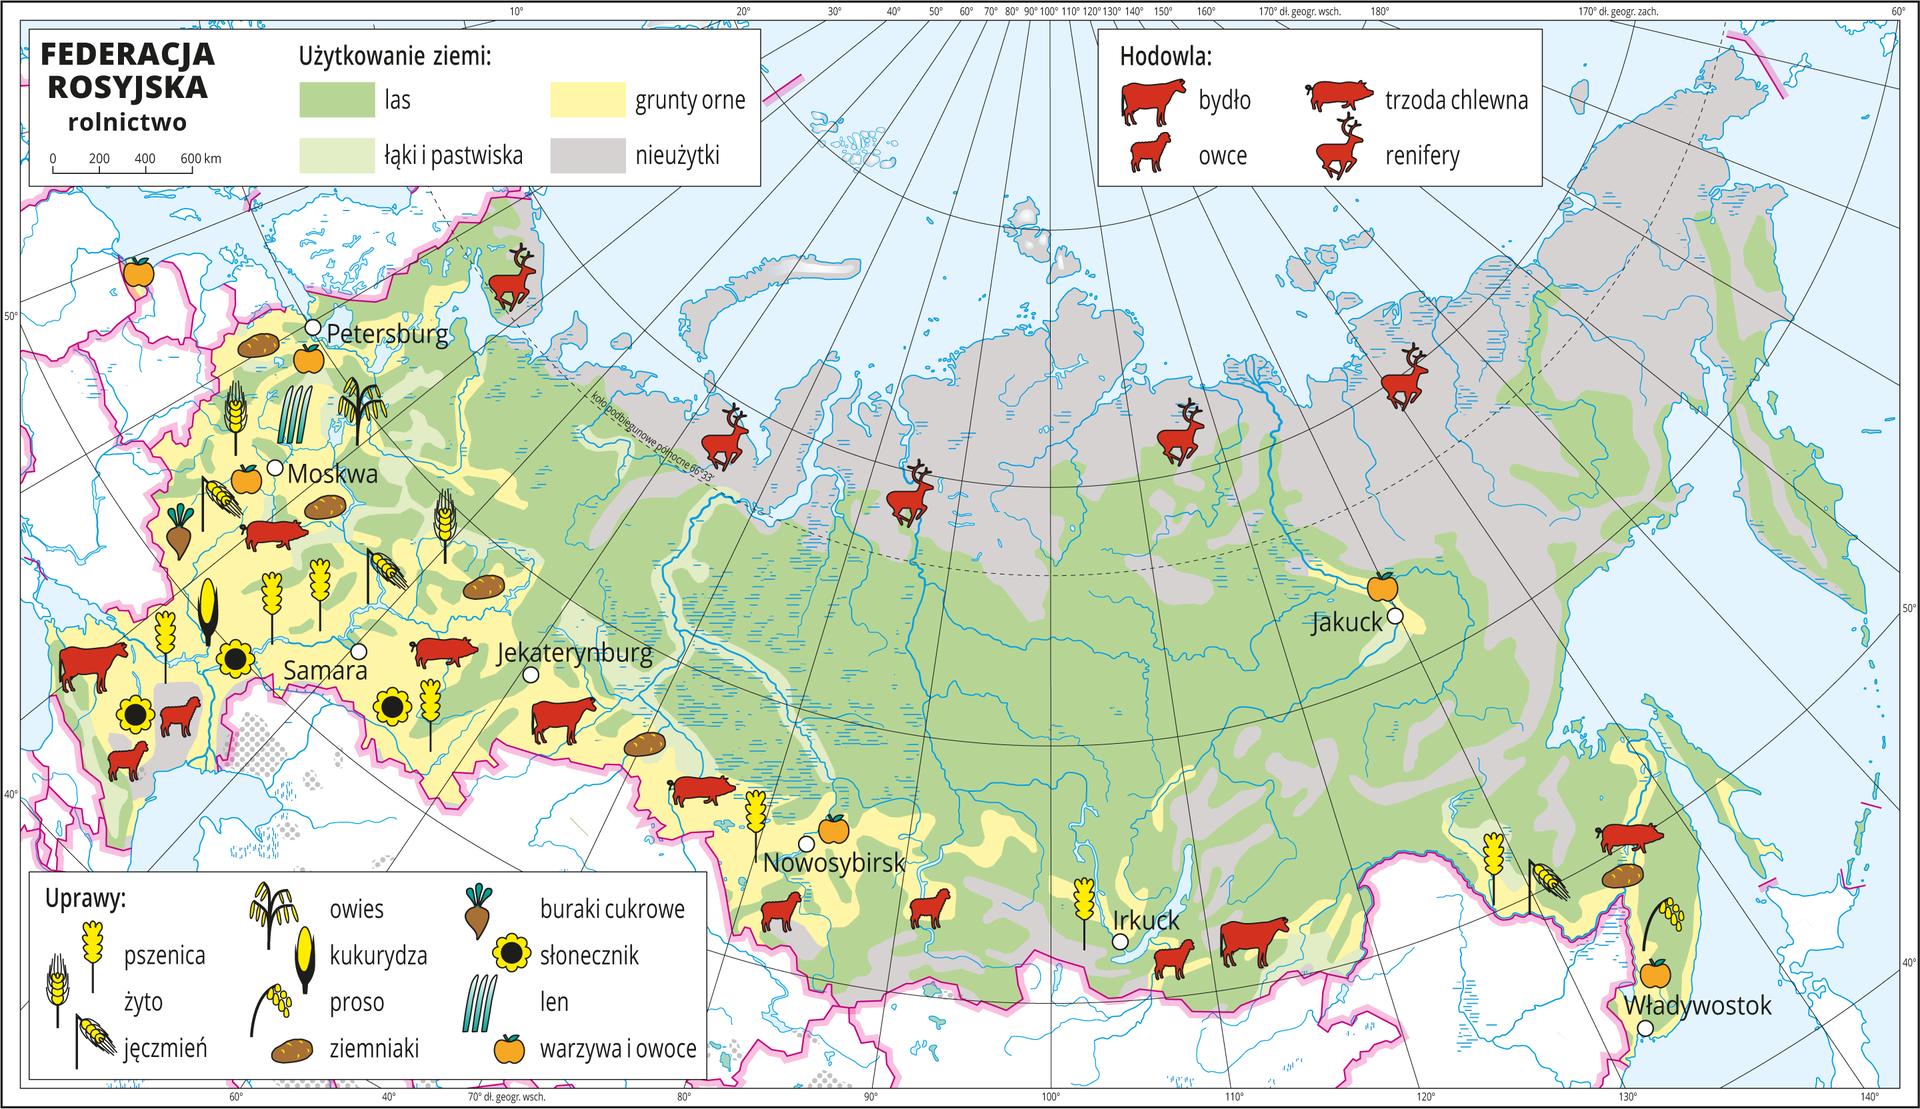 Ilustracja przedstawia mapę gospodarczą Federacji Rosyjskiej. Na mapie rolnictwa kolorem żółtym przedstawiono grunty orne na zachodzie ipołudniu kraju, jasnozielonym – łąki ipastwiska – głównie wzdłuż rzek, zielonym lasy – przewaga na większości obszaru iszarym nieużytki – na północy kraju. Na mapie sygnatury obrazujące uprawy roślin (buraki cukrowe, słonecznik, len, warzywa iowoce, owies, kukurydza, proso, ziemniaki, pszenica, żyto, jęczmień) oraz hodowlę zwierząt (bydło, trzoda chlewna, owce, renifery). Skupione na zachodzie ipołudniu. Na północy jedynie renifery. Mapa zawiera południki irównoleżniki, dookoła mapy wbiałej ramce opisano współrzędne geograficzne co dziesięć stopni.